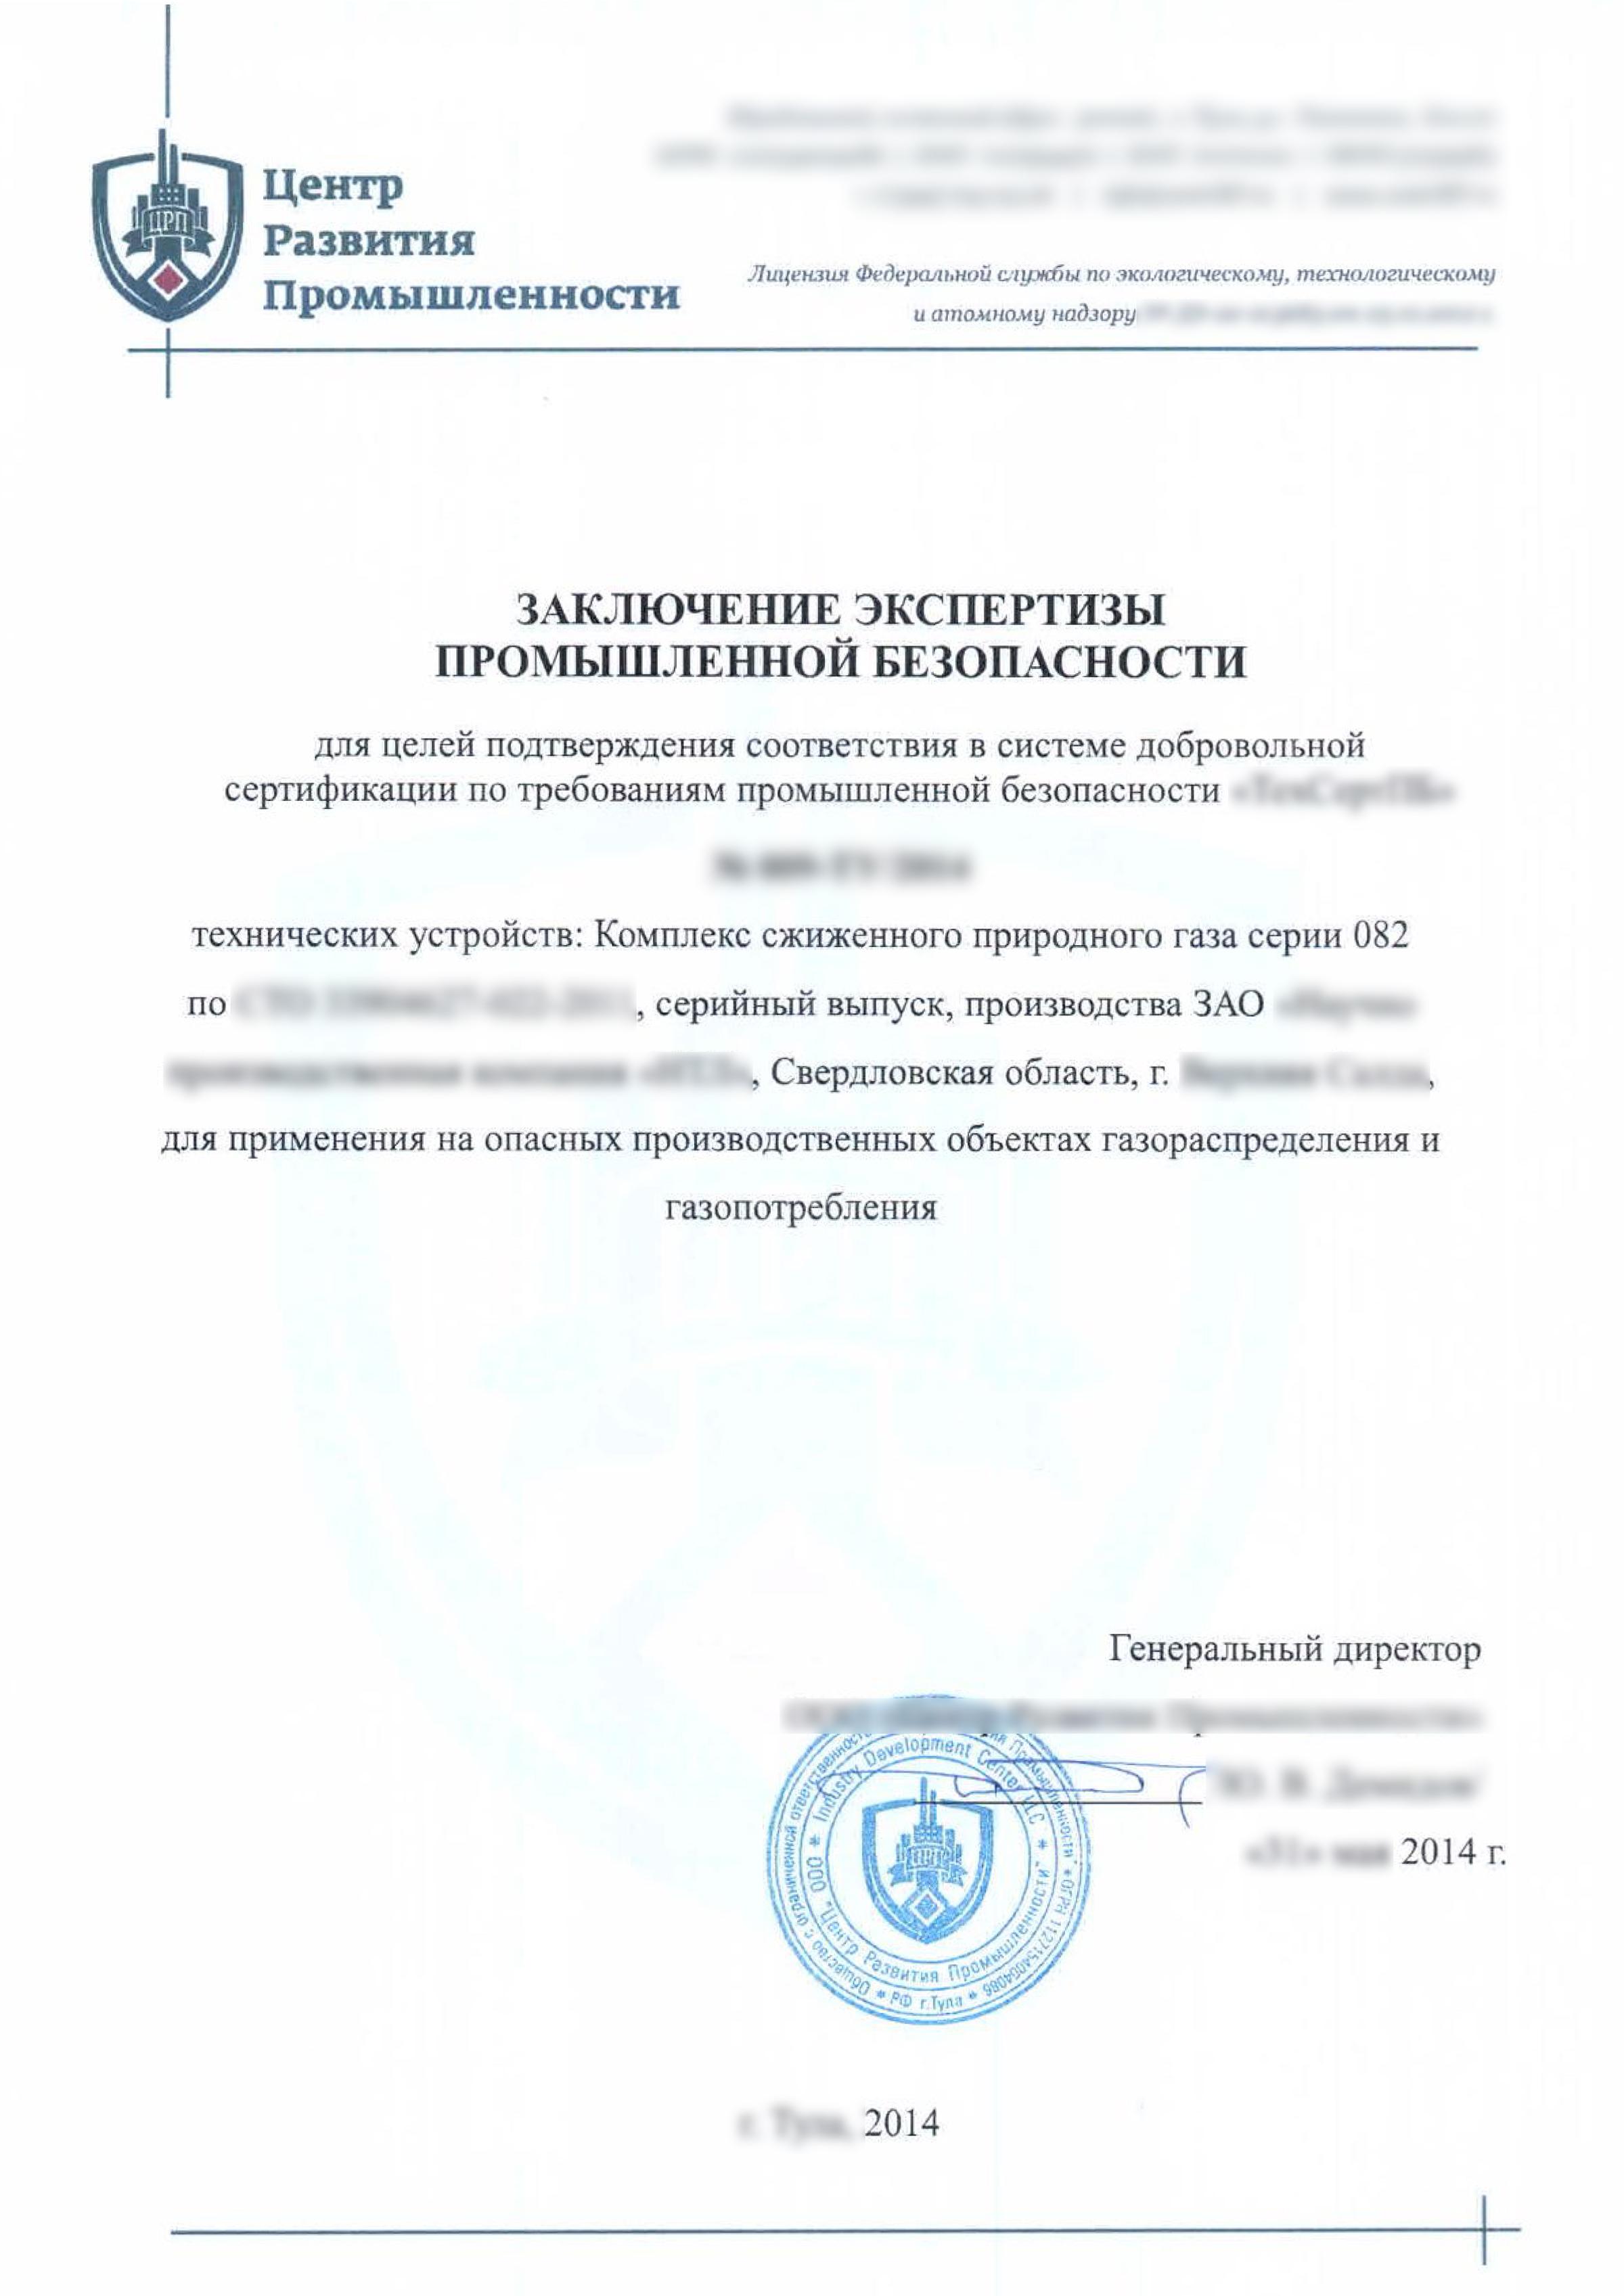 инструкция эксперта по сертификации лифтов